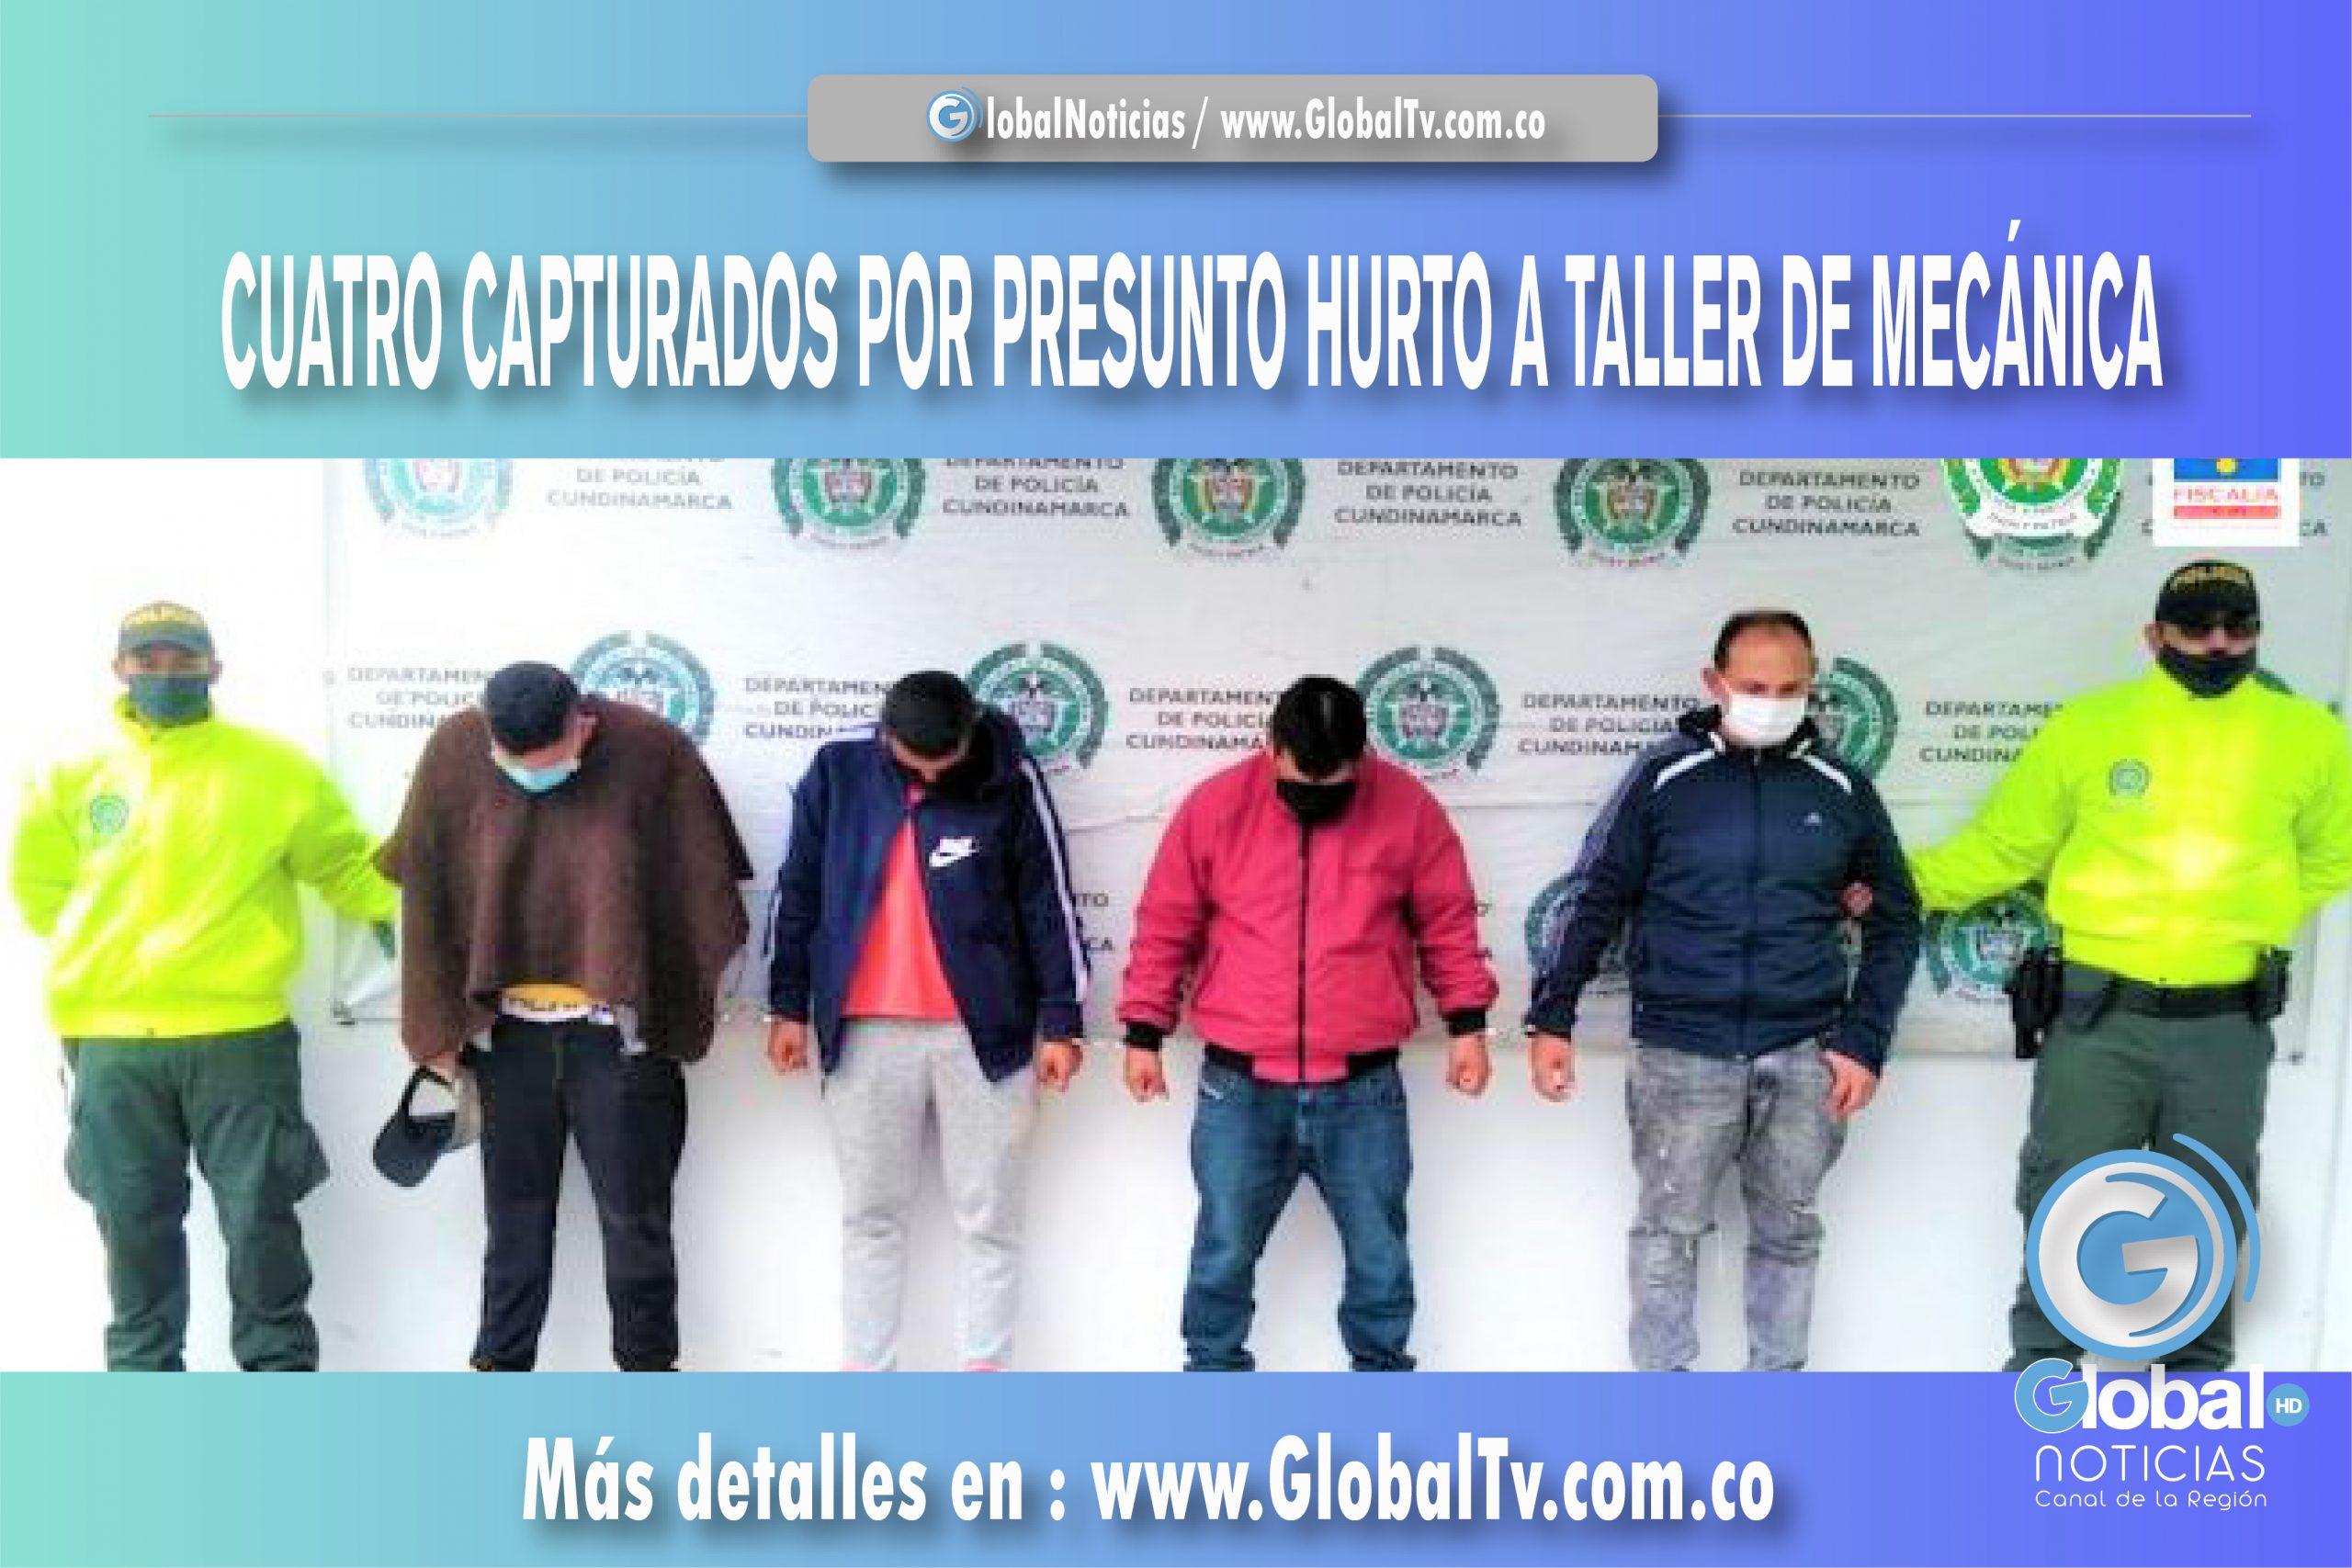 CUATRO CAPTURADOS POR PRESUNTO HURTO A TALLER DE MECÁNICA